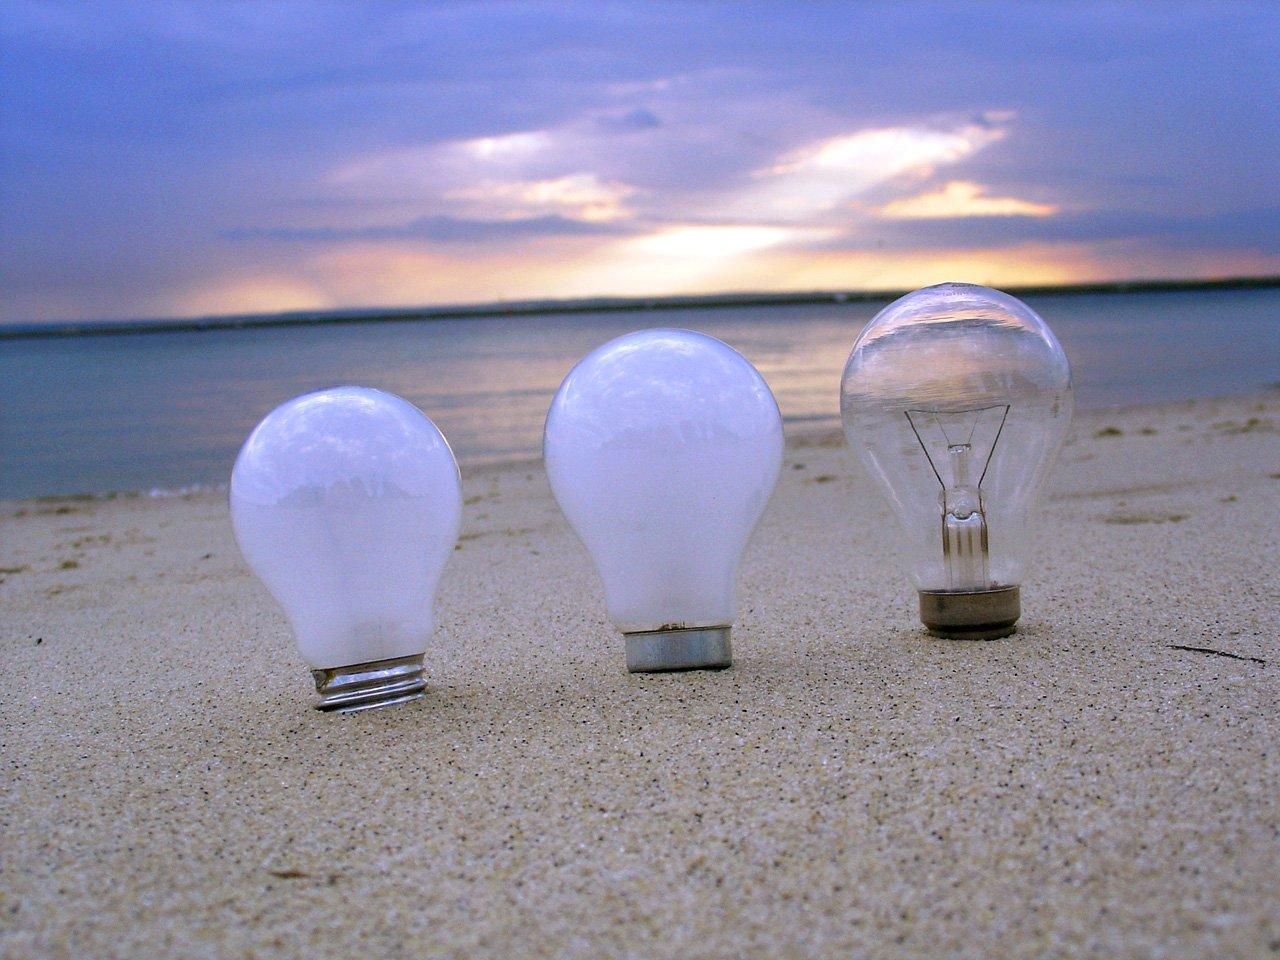 žiarovky, pláž